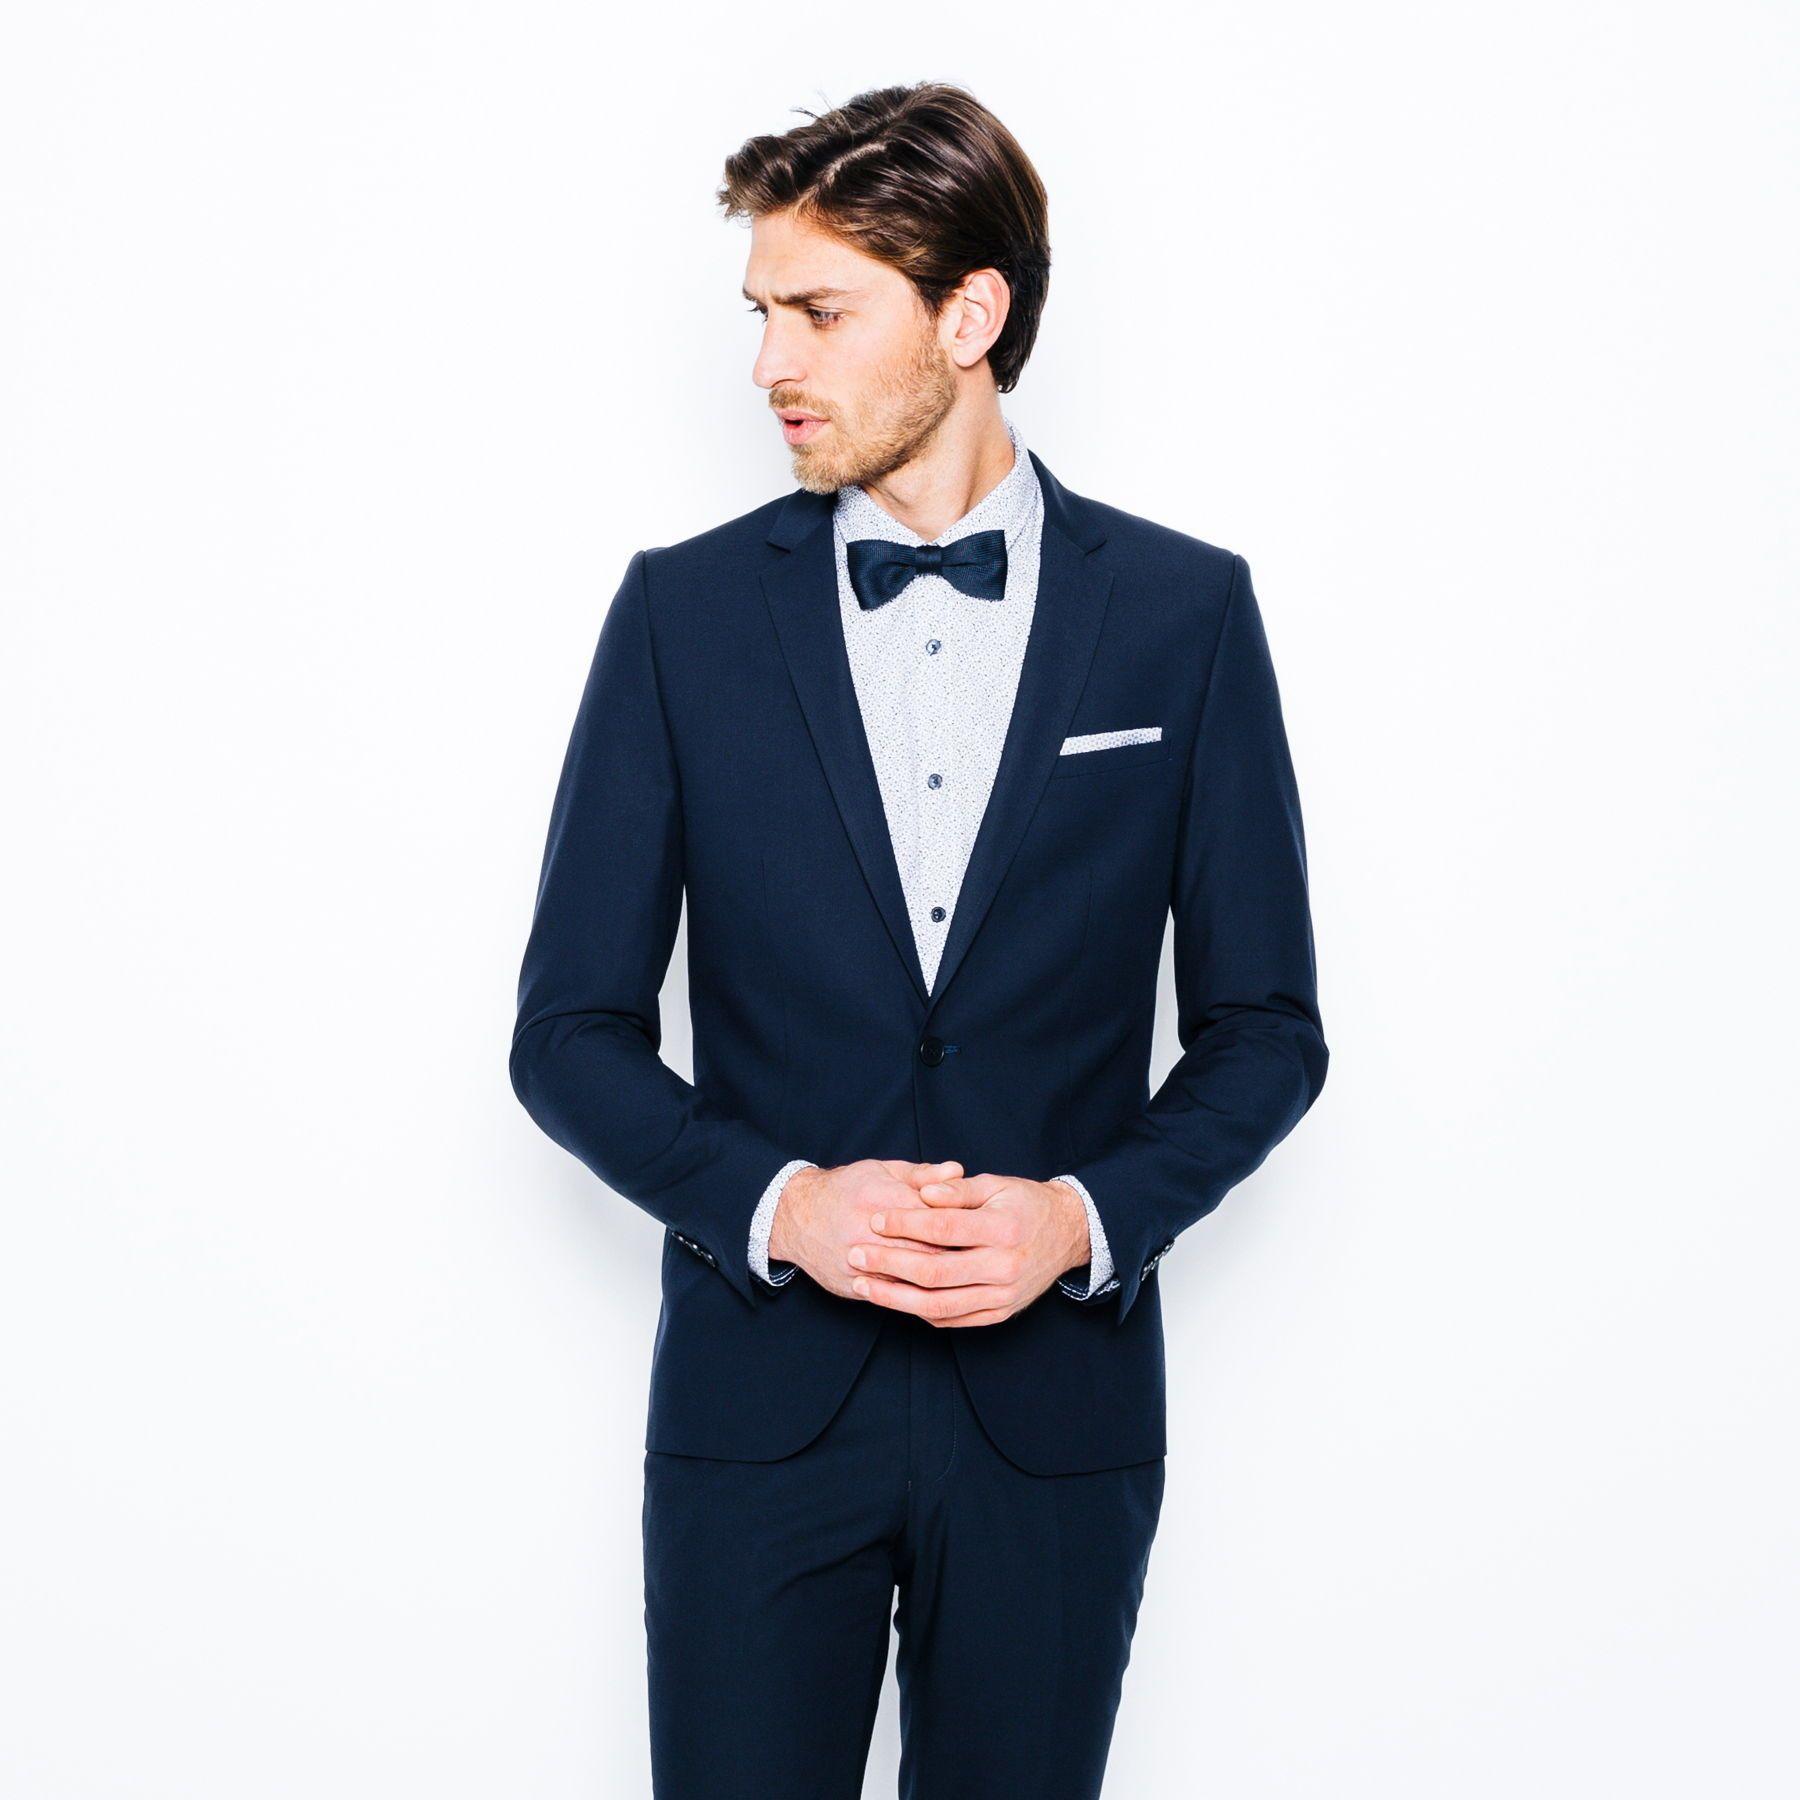 jules vetement homme veste les vestes la mode sont populaires partout dans le monde. Black Bedroom Furniture Sets. Home Design Ideas